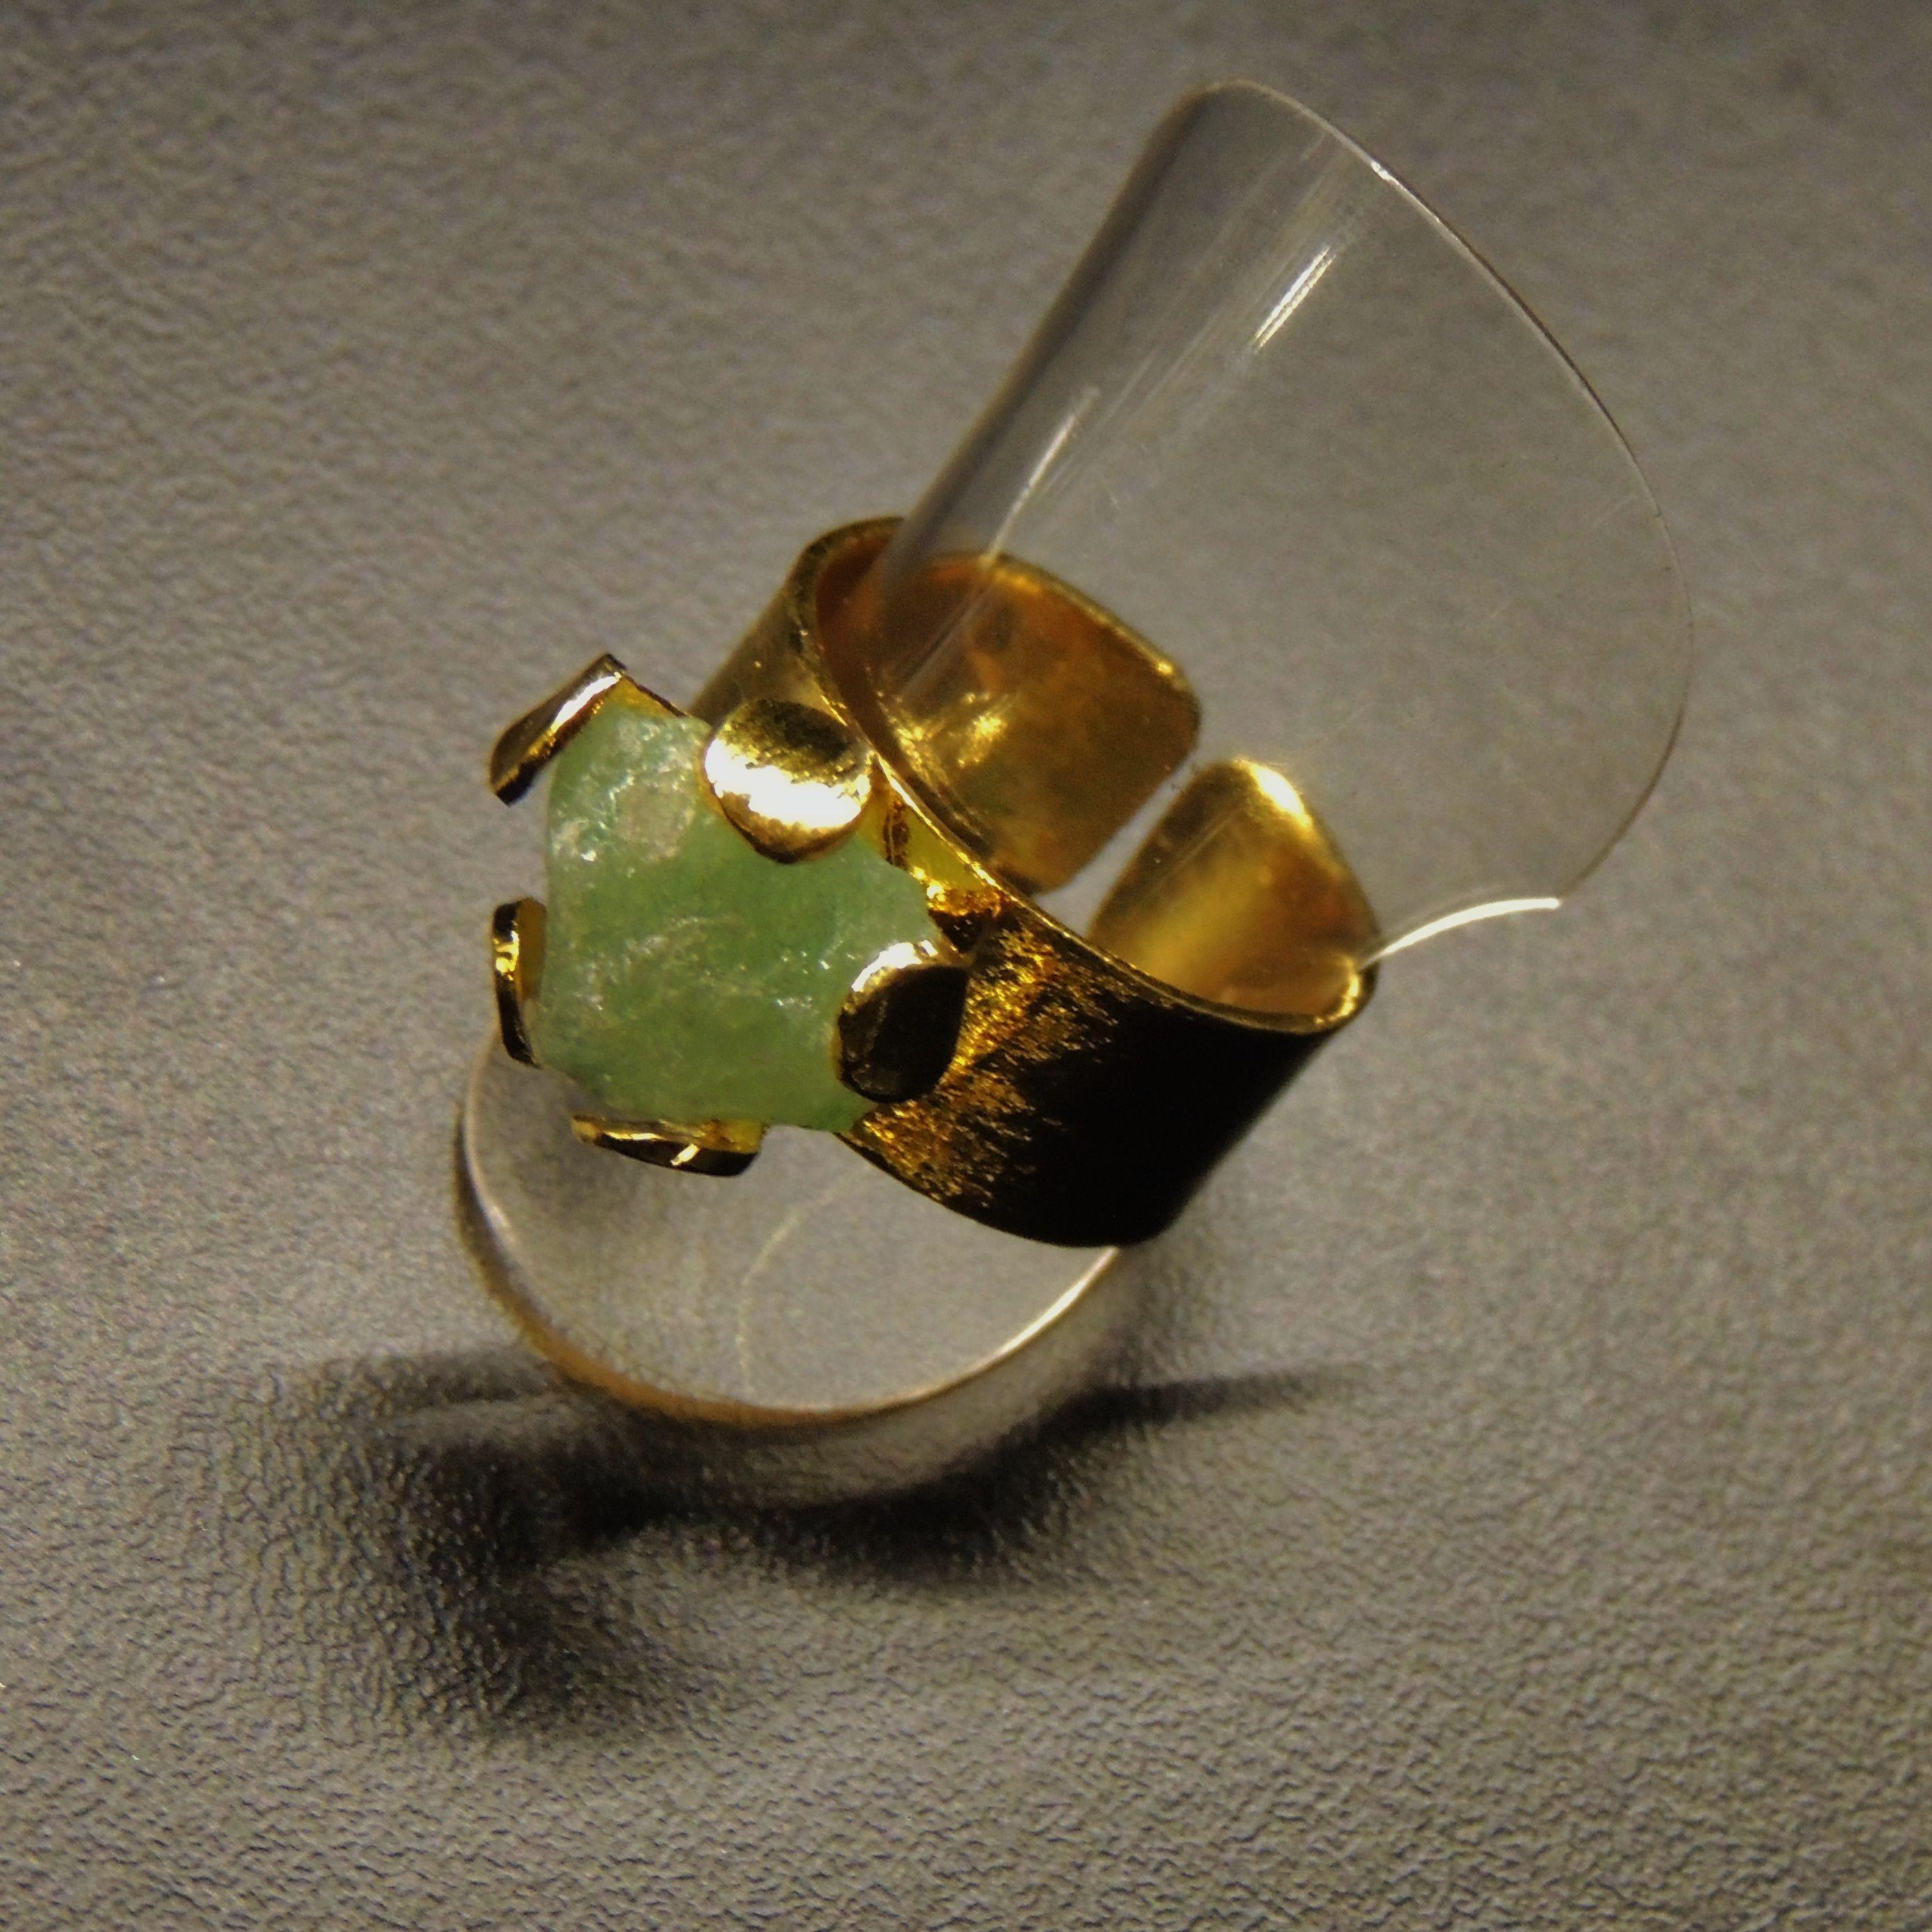 💍 Anillo hecho en Bronce con enchape de oro 24K,  con una morralla natural sostenida por 5 uñas (Talla ajustable) Cada morralla tiene una forma unica por lo tanto cada anillo es diferente.REBGP001 Precio Boutique COP$86.000. Precio Online COP $60.200 Para Pago online -> http://mpago.la/l1mi  Contáctanos ☎(+57-1) 5254007 📱(+57)3186086290 🌐www.makla.co     Ring / Bronze Gold Plated / Colombian Emerald